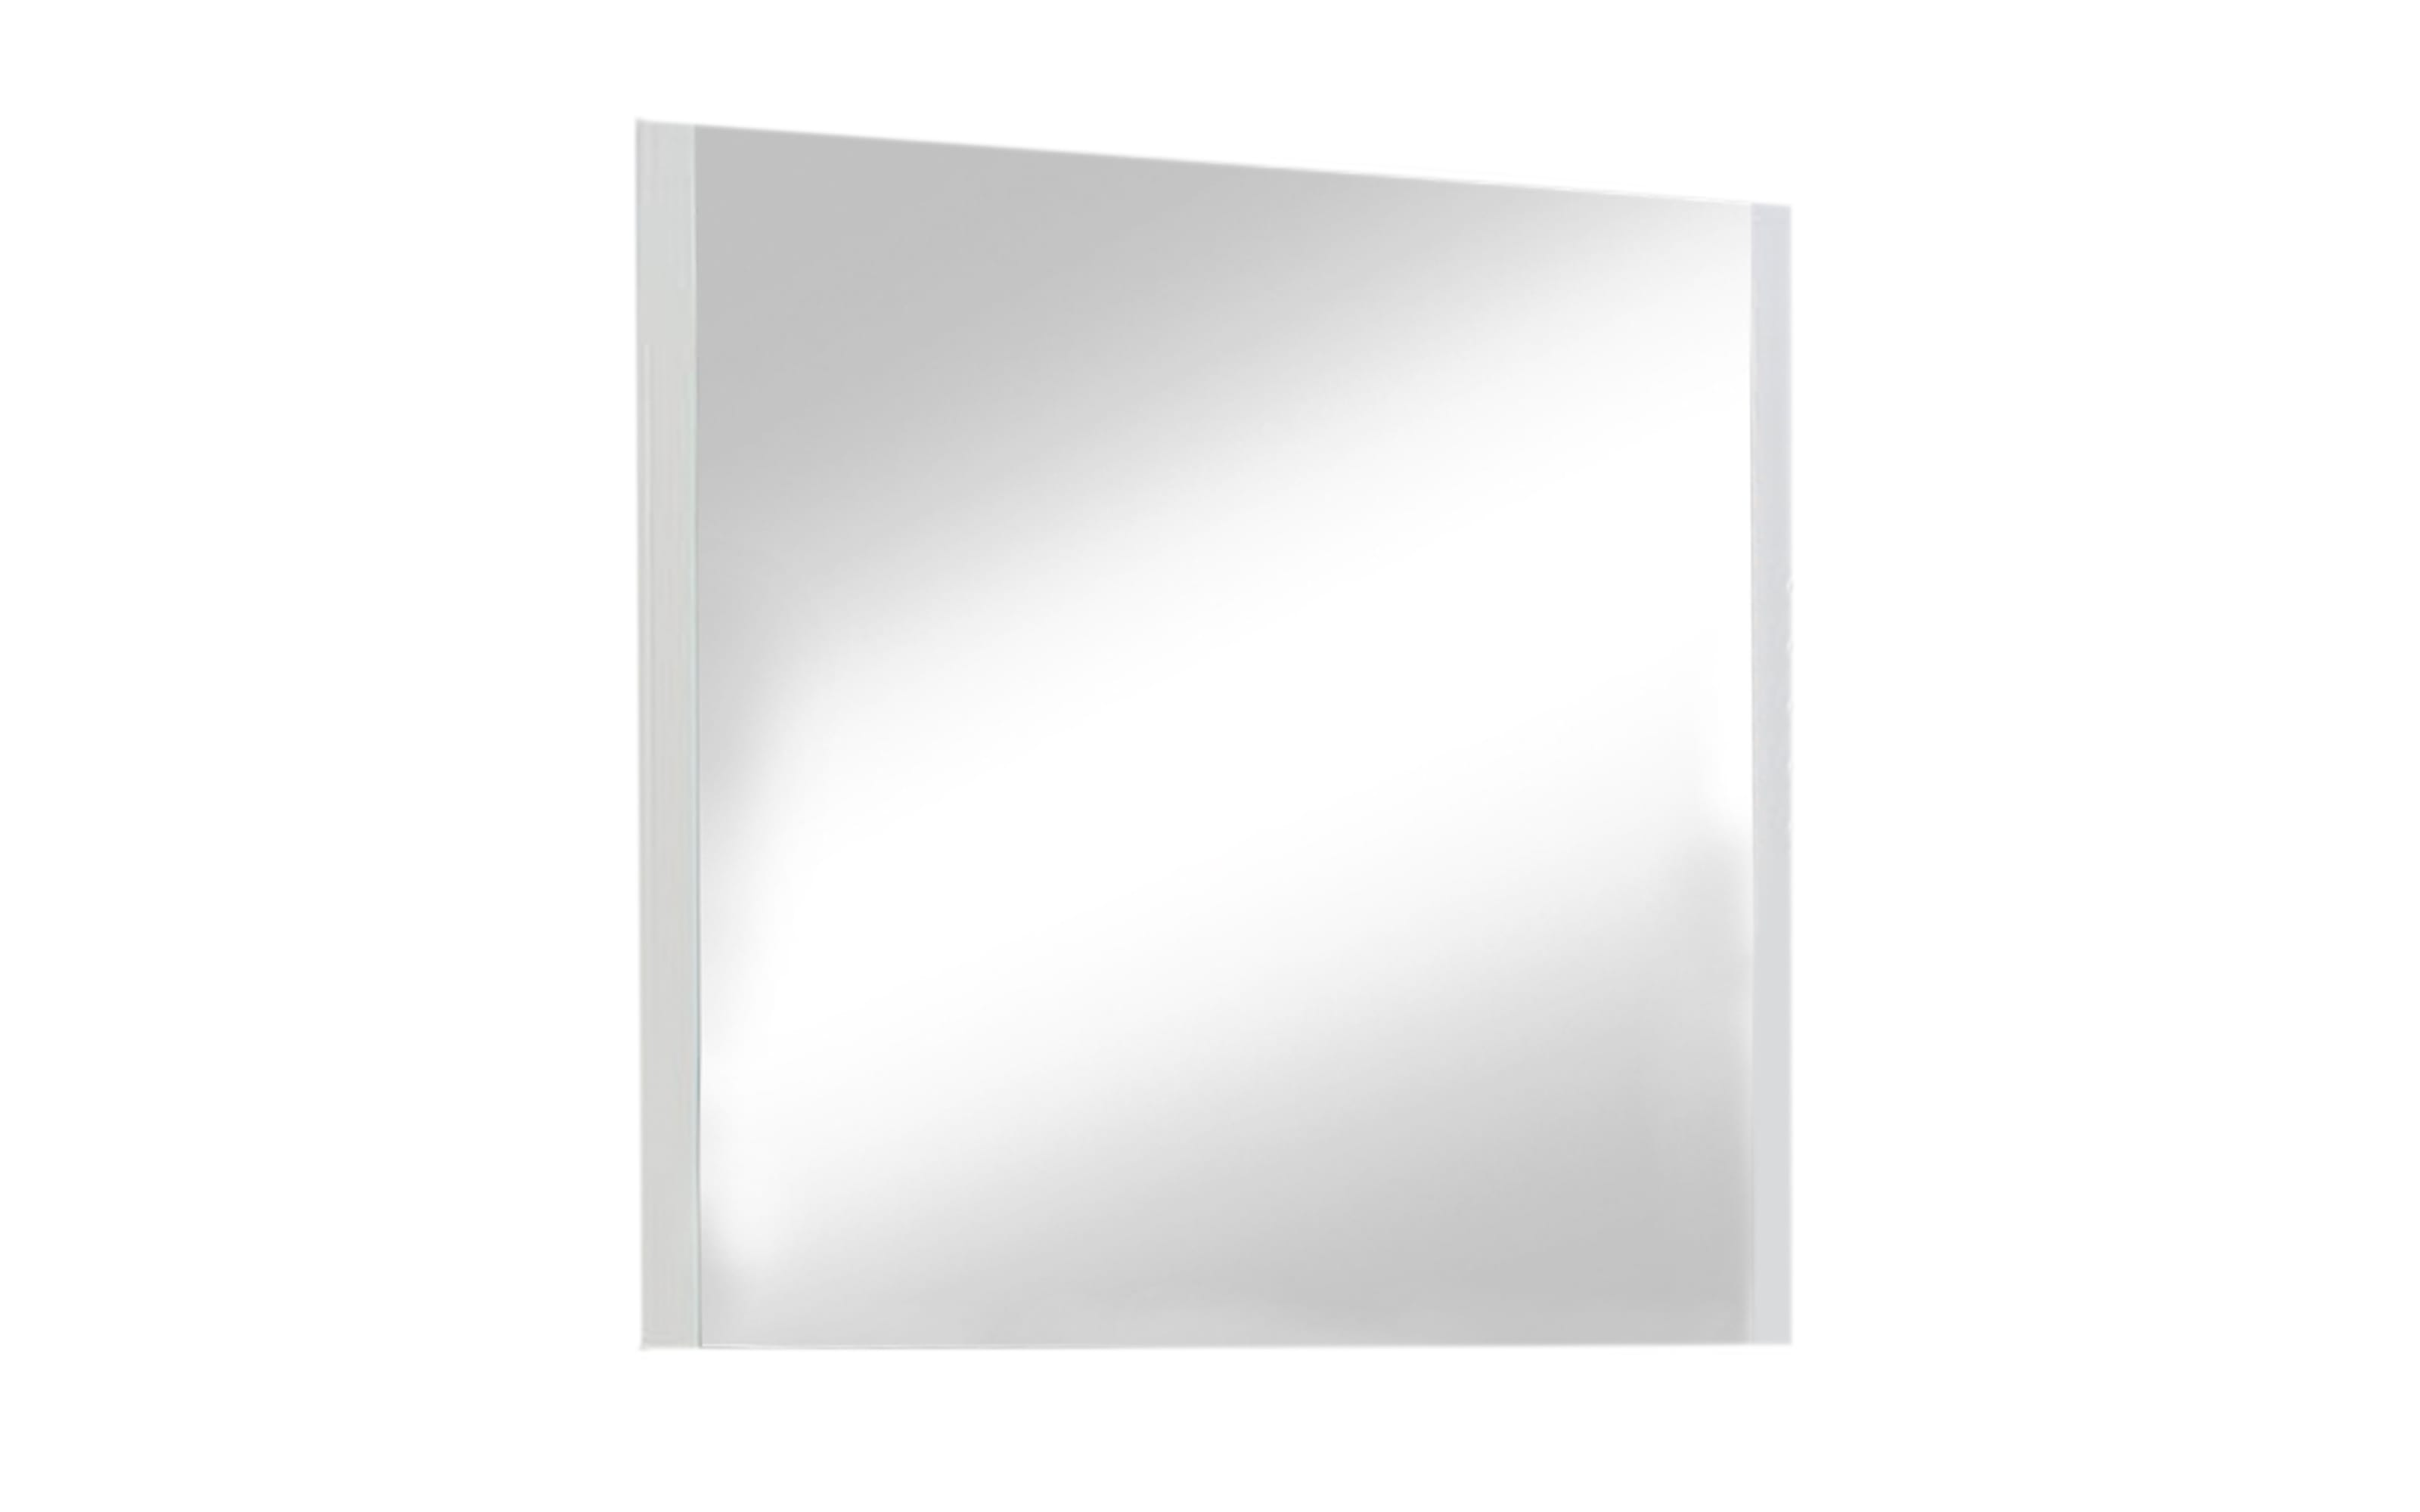 Garderobenspiegel Una in weiß, 80 x 79 cm